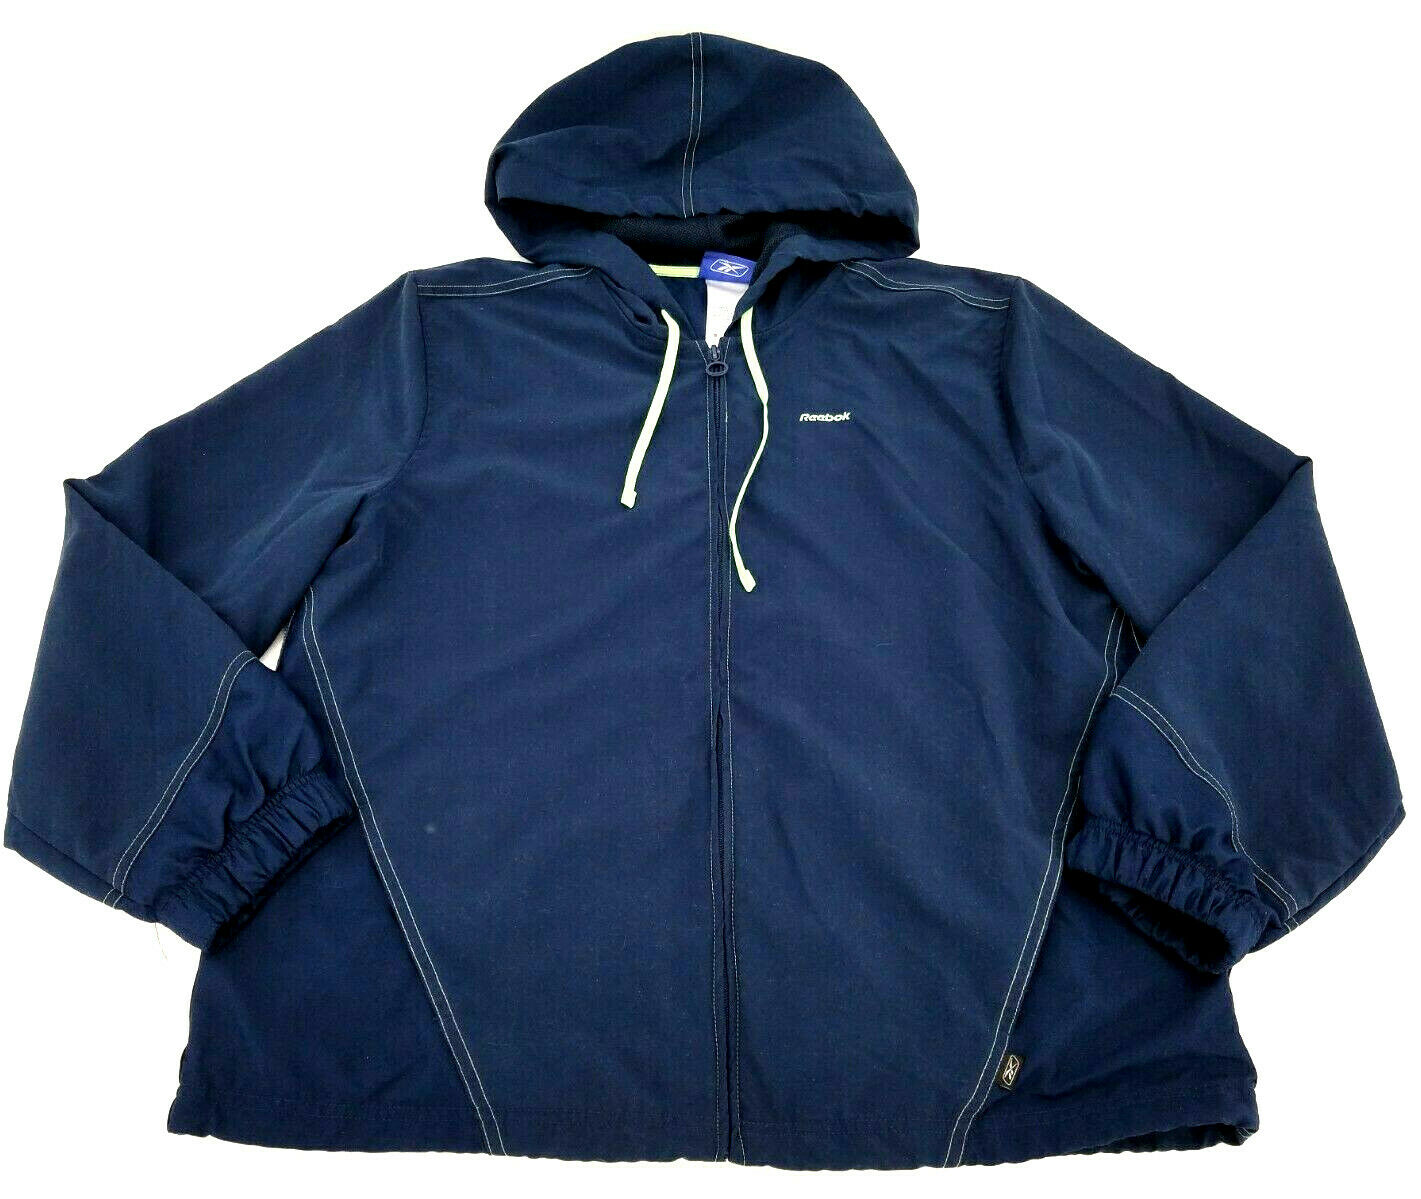 Reebok Women's Hooded Lightweight Polyester Running Jacket Sz XL Blue W/ Pockets